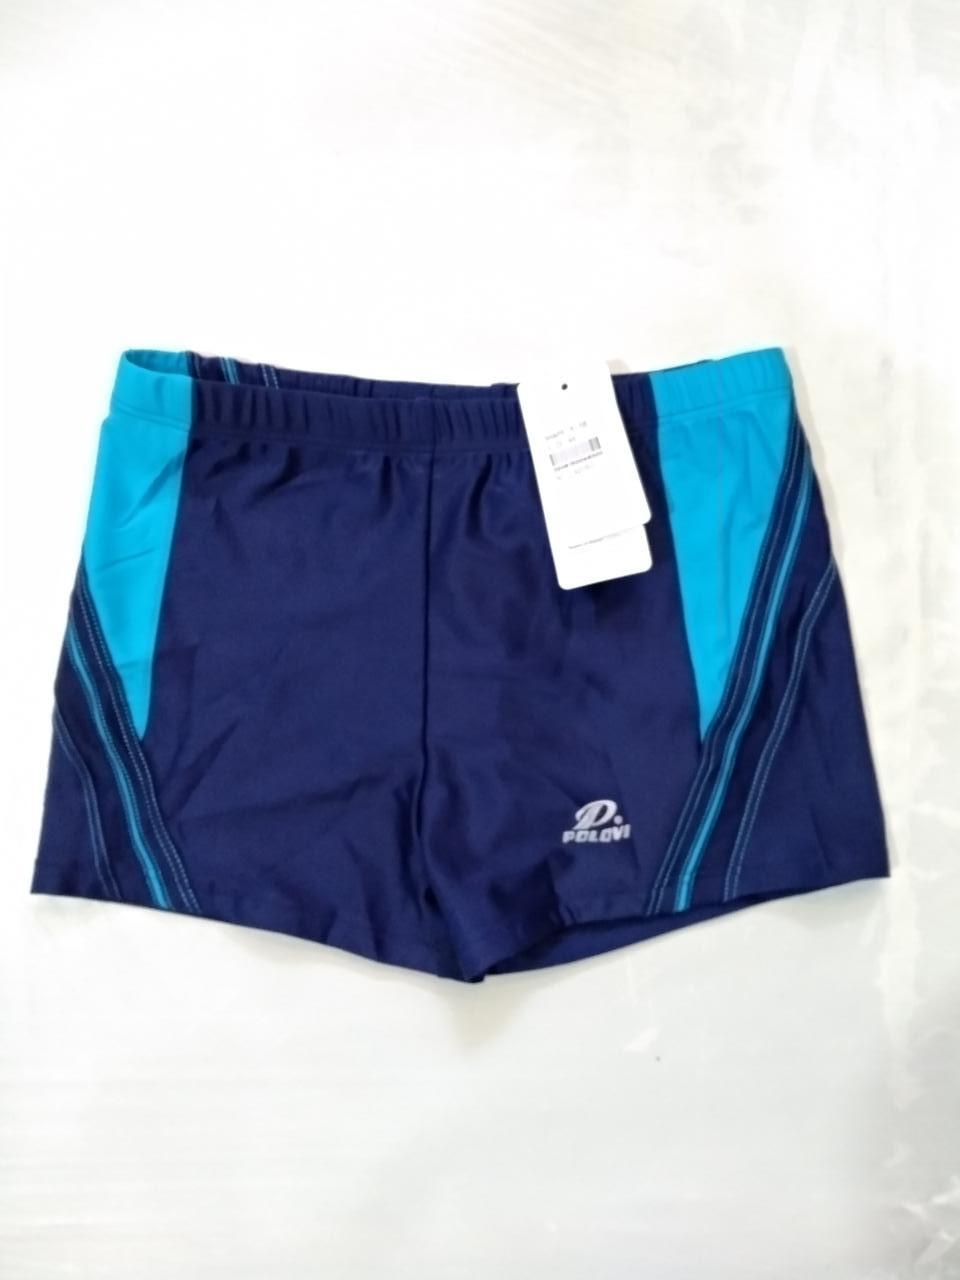 Шорты-плавки мужские  POLOVI синий 0615 Б (В НАЛИЧИИ ТОЛЬКО  52   размеры)